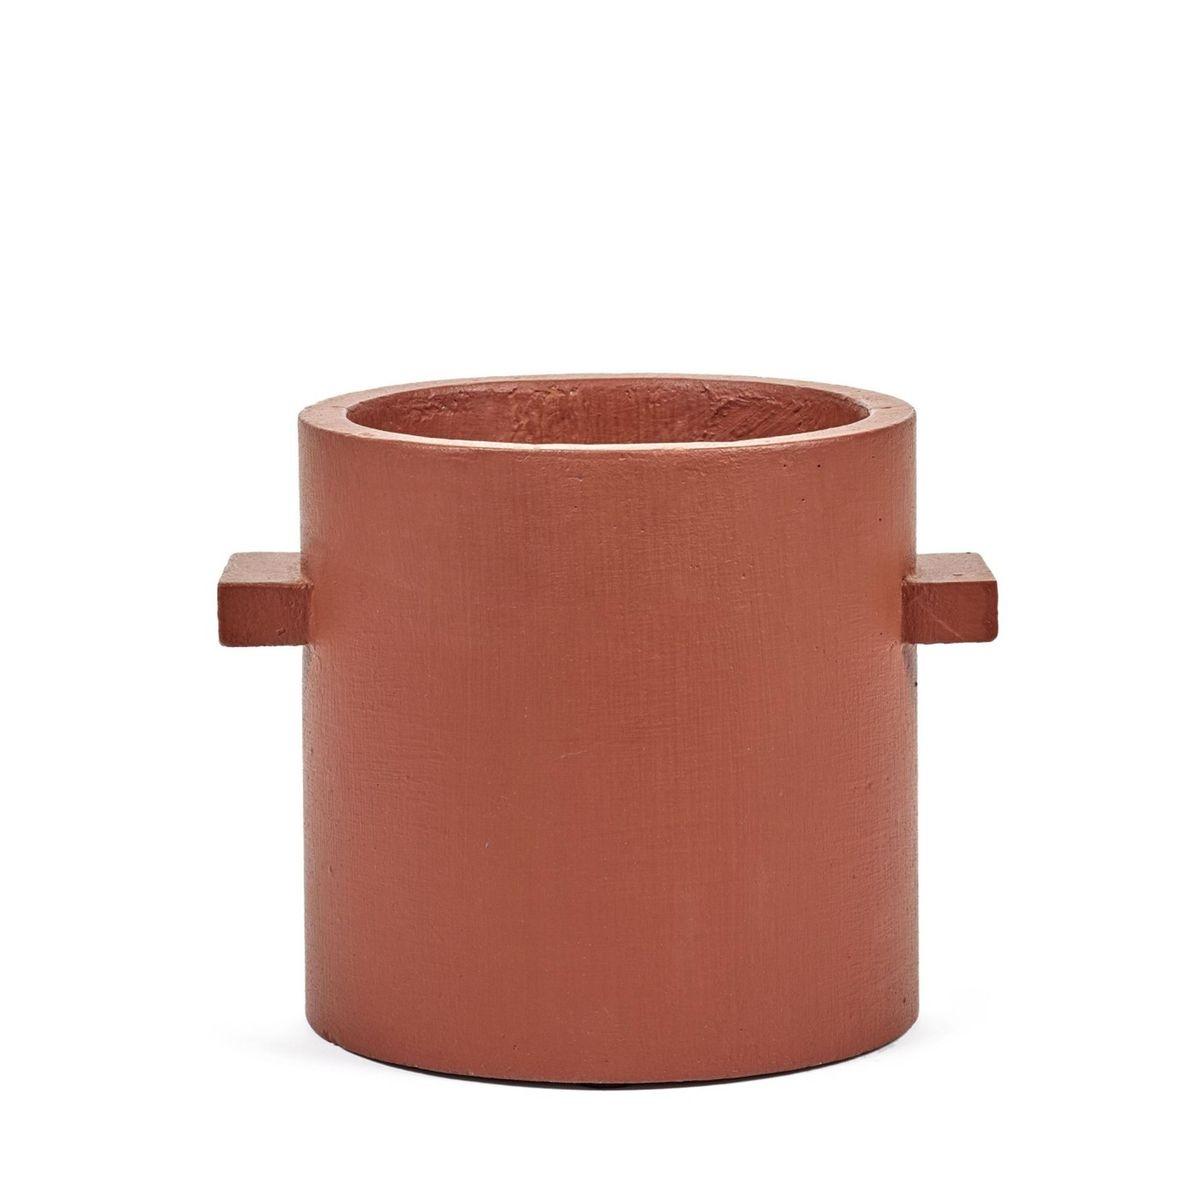 Pot Béton Cylindrique Rouille Marie Diam 20 x H 20 cm Serax